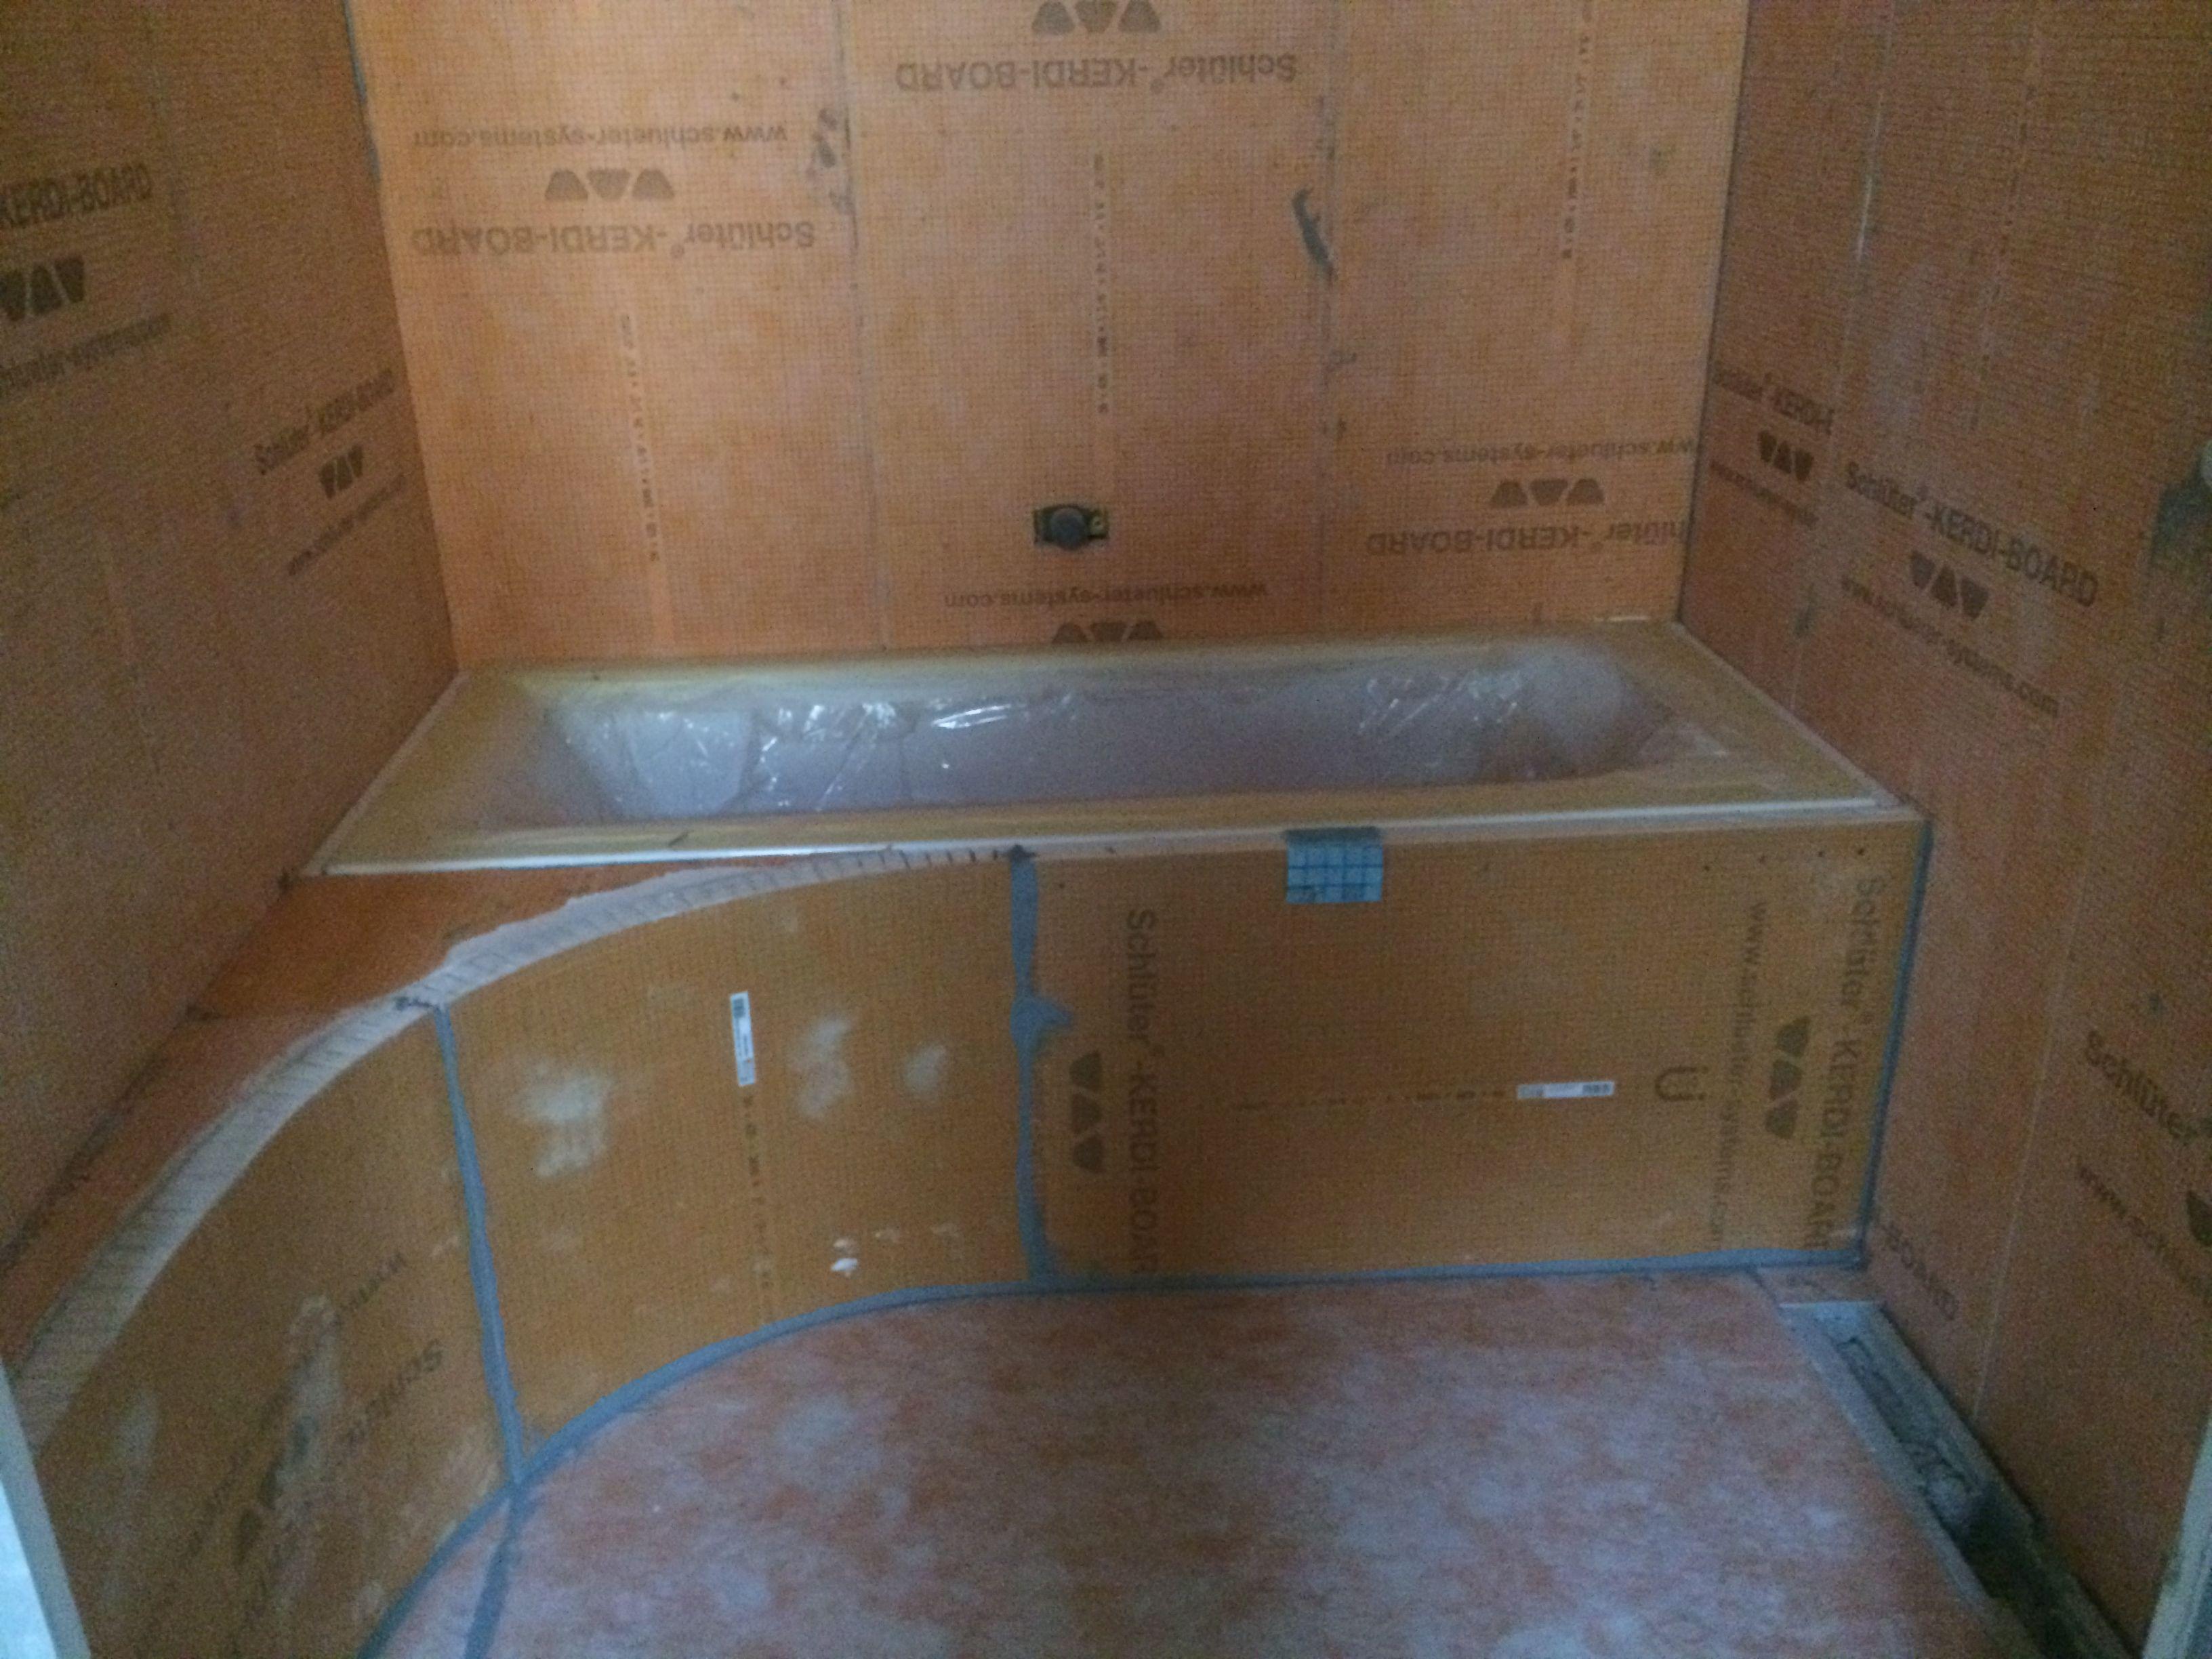 Posa di pannelli in polistirene espanso ed estruso meinardi - Pannelli per coprire piastrelle bagno ...